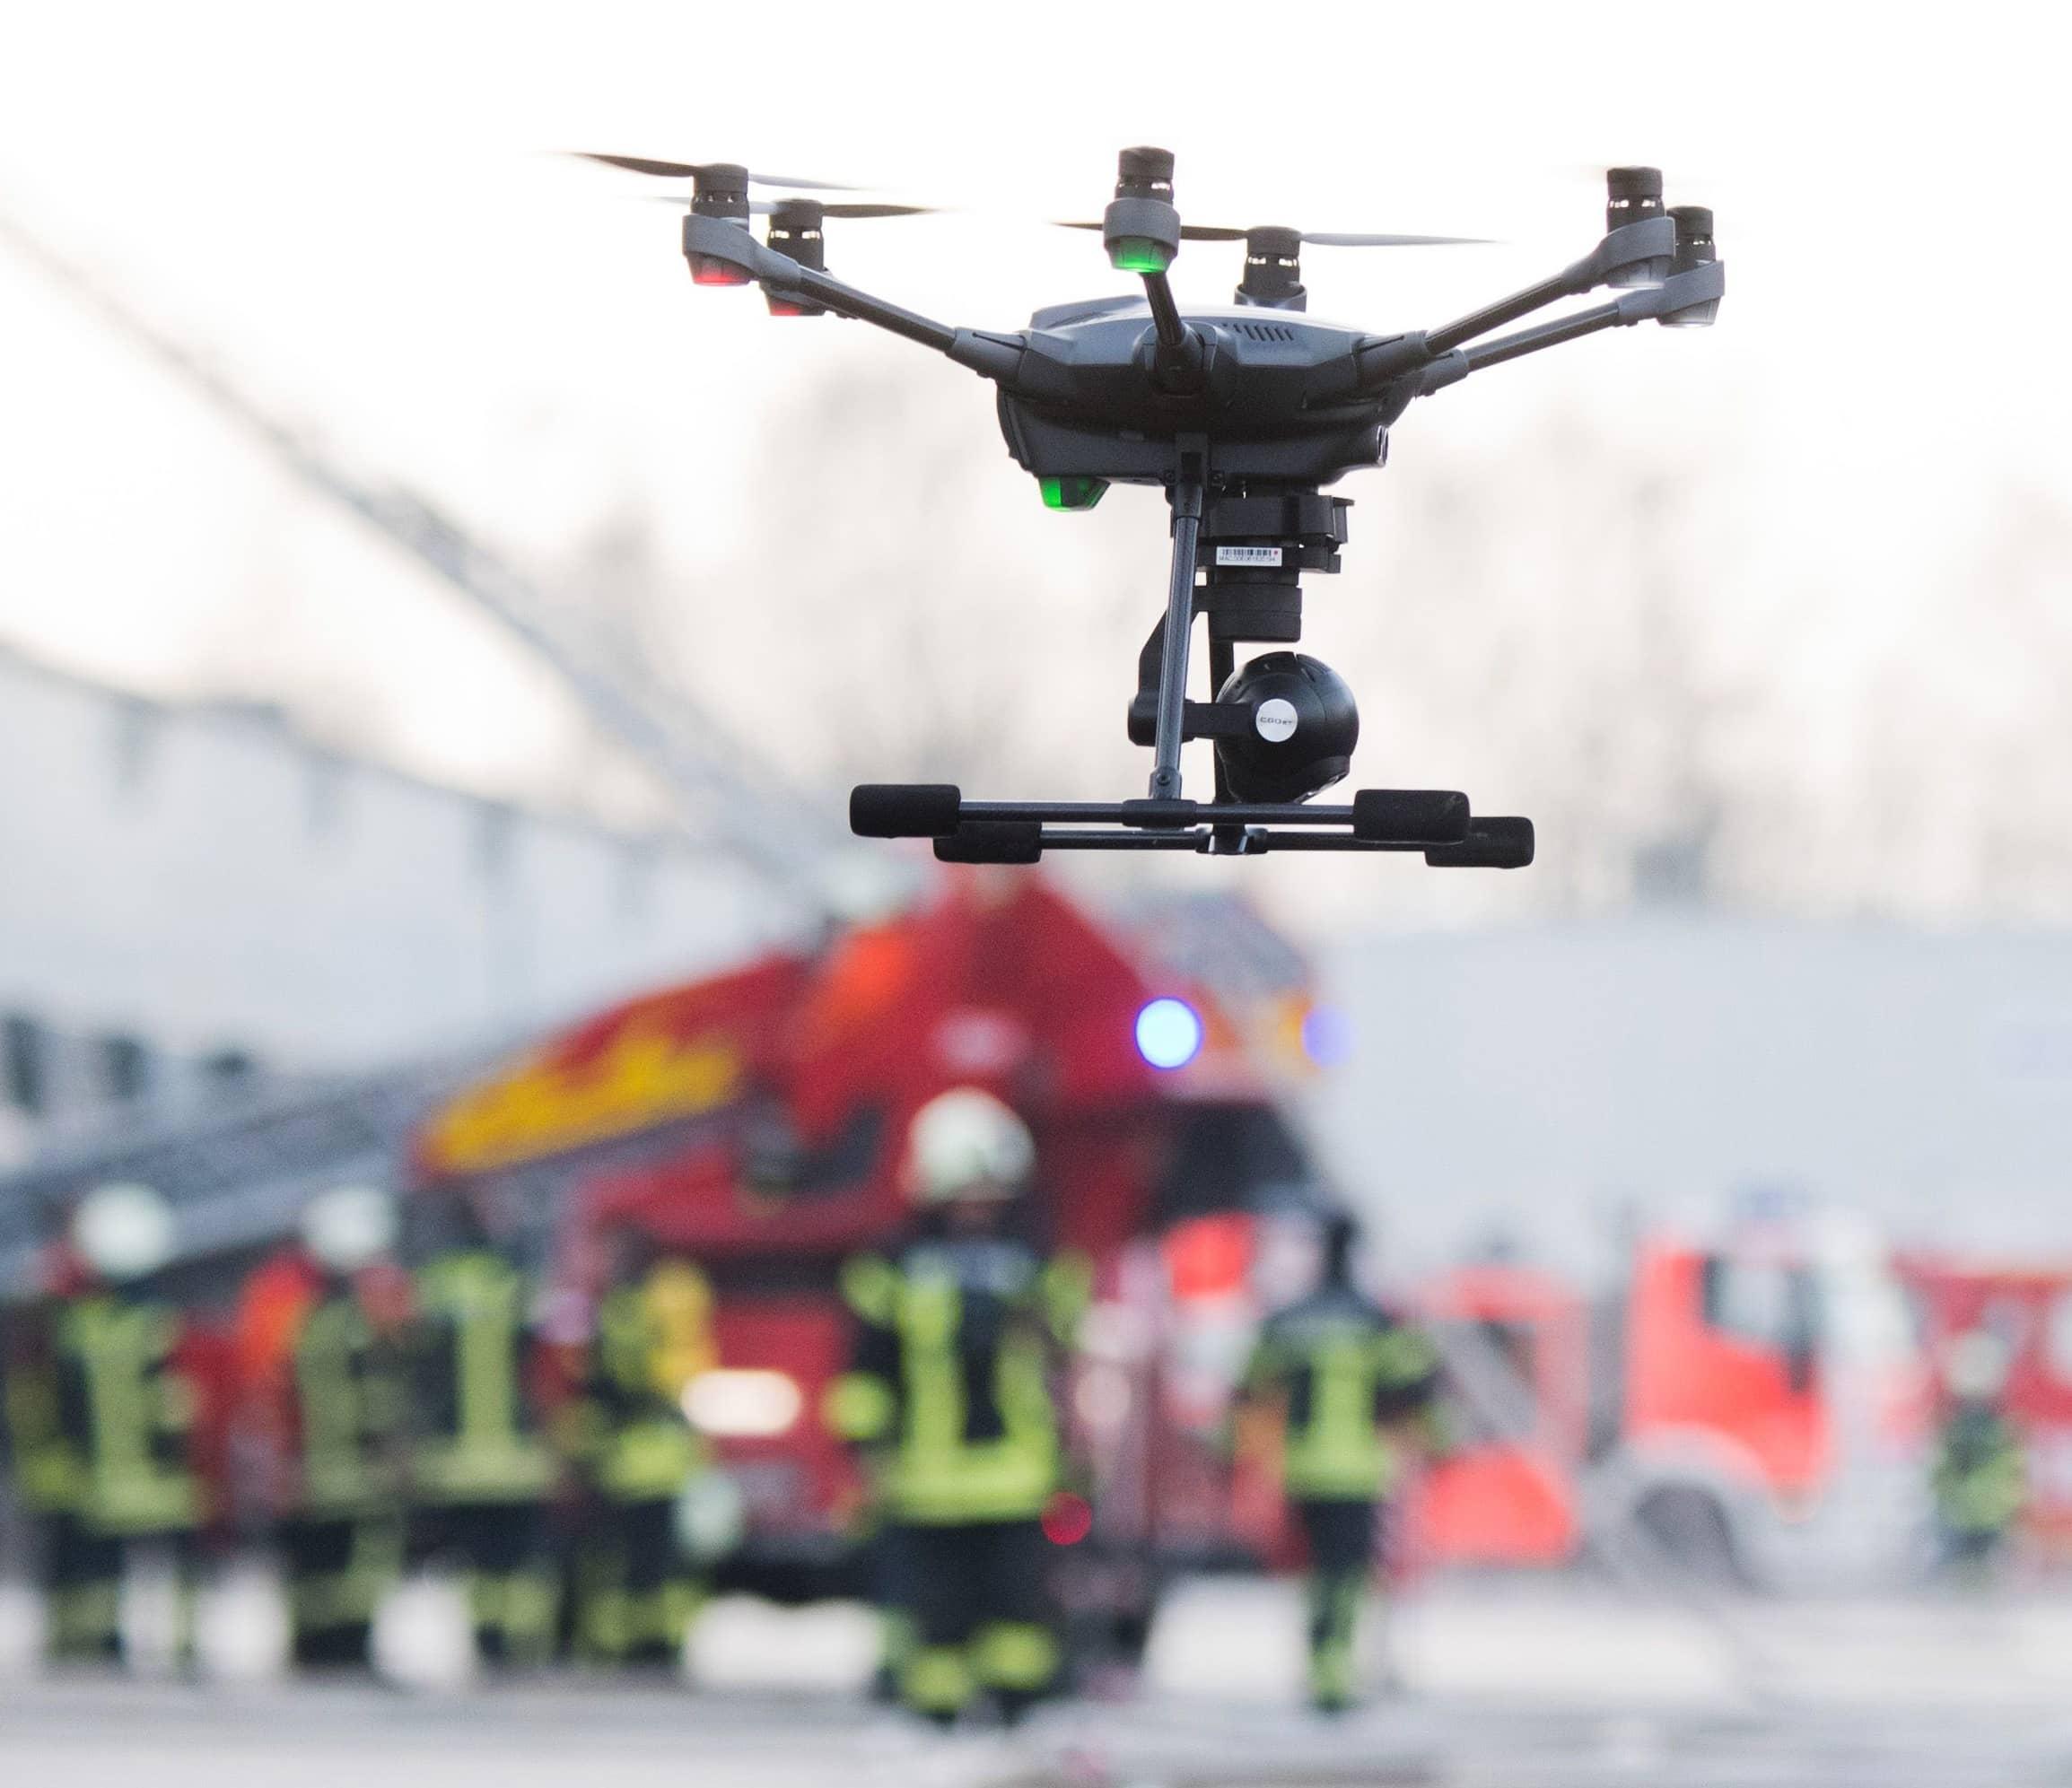 University-Backed Nebraska Firm To Offer Firefighting Drones